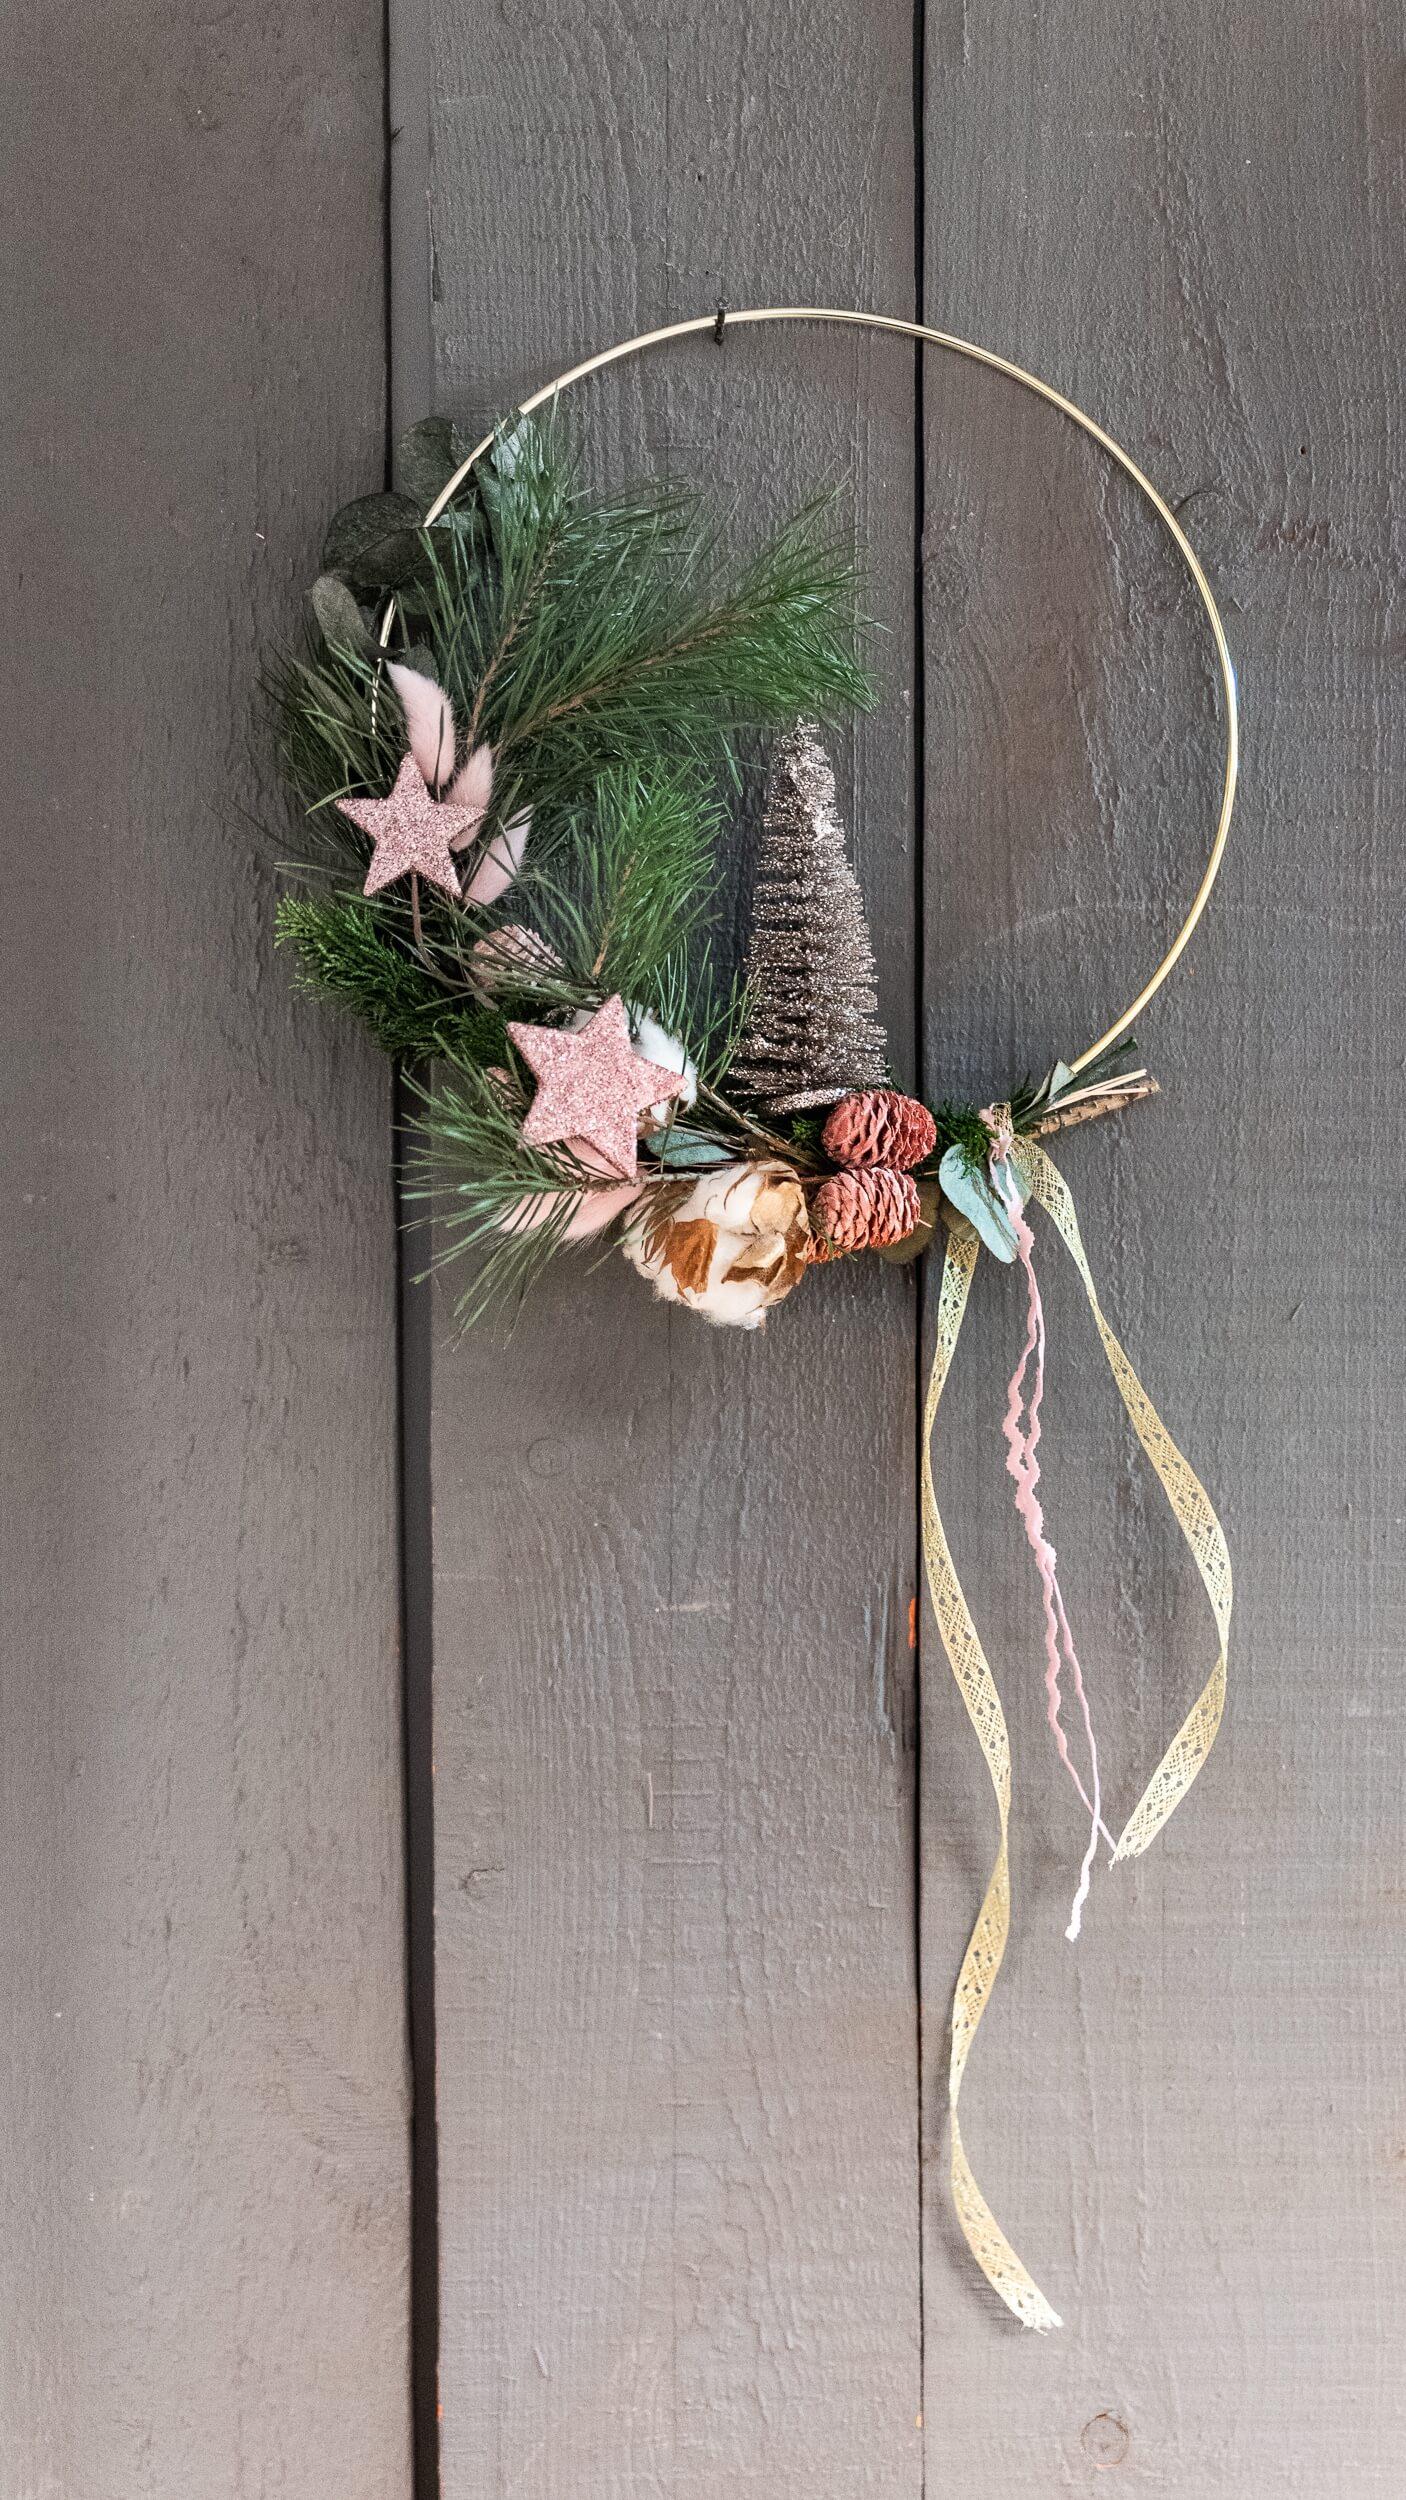 Türkranz weihnachtlich elegant und schmal